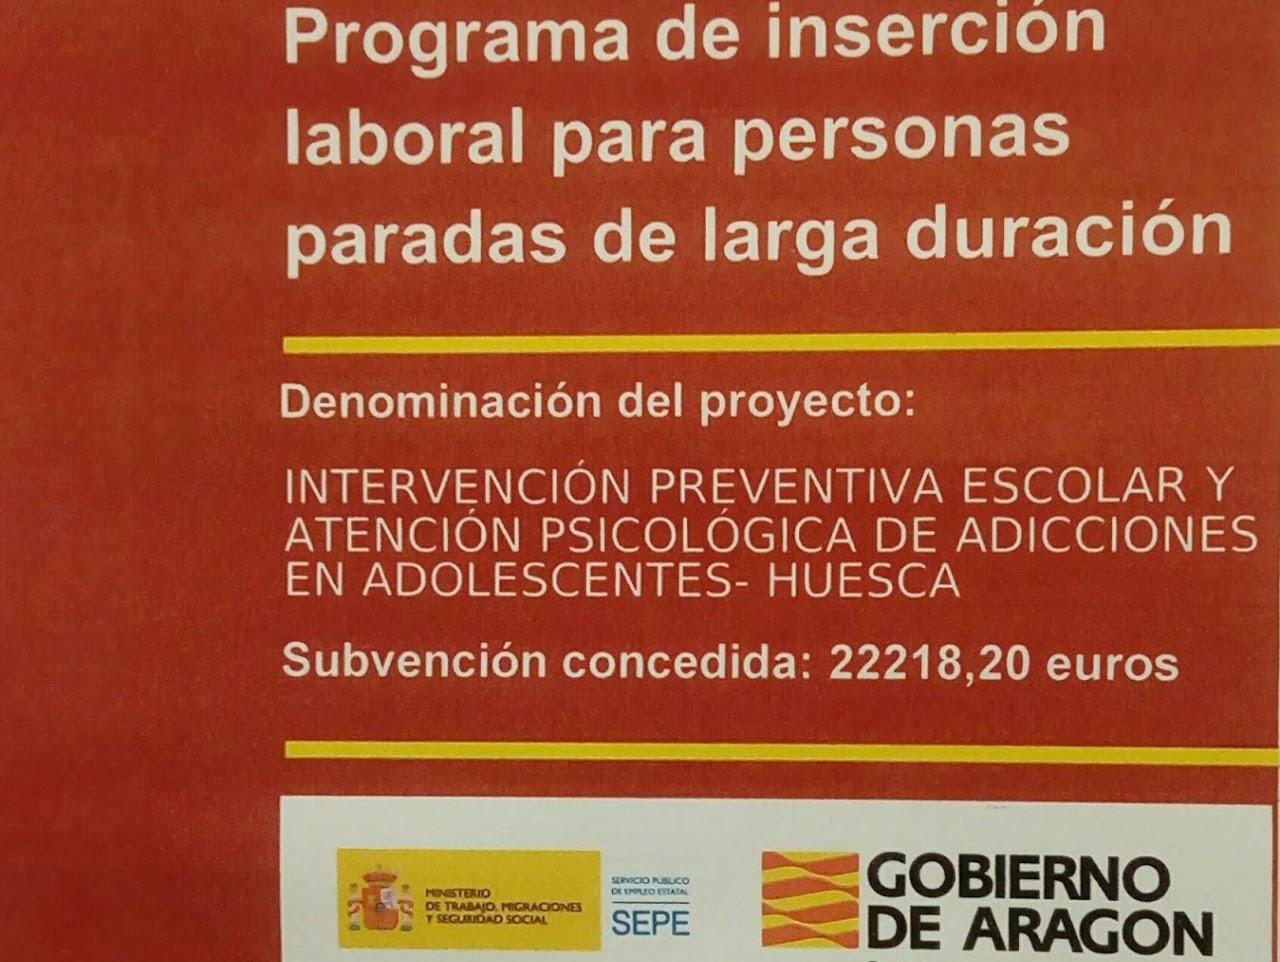 El Gobierno de Aragón apoya el Centro de Solidaridad interdiocesano con 22.218,20 €